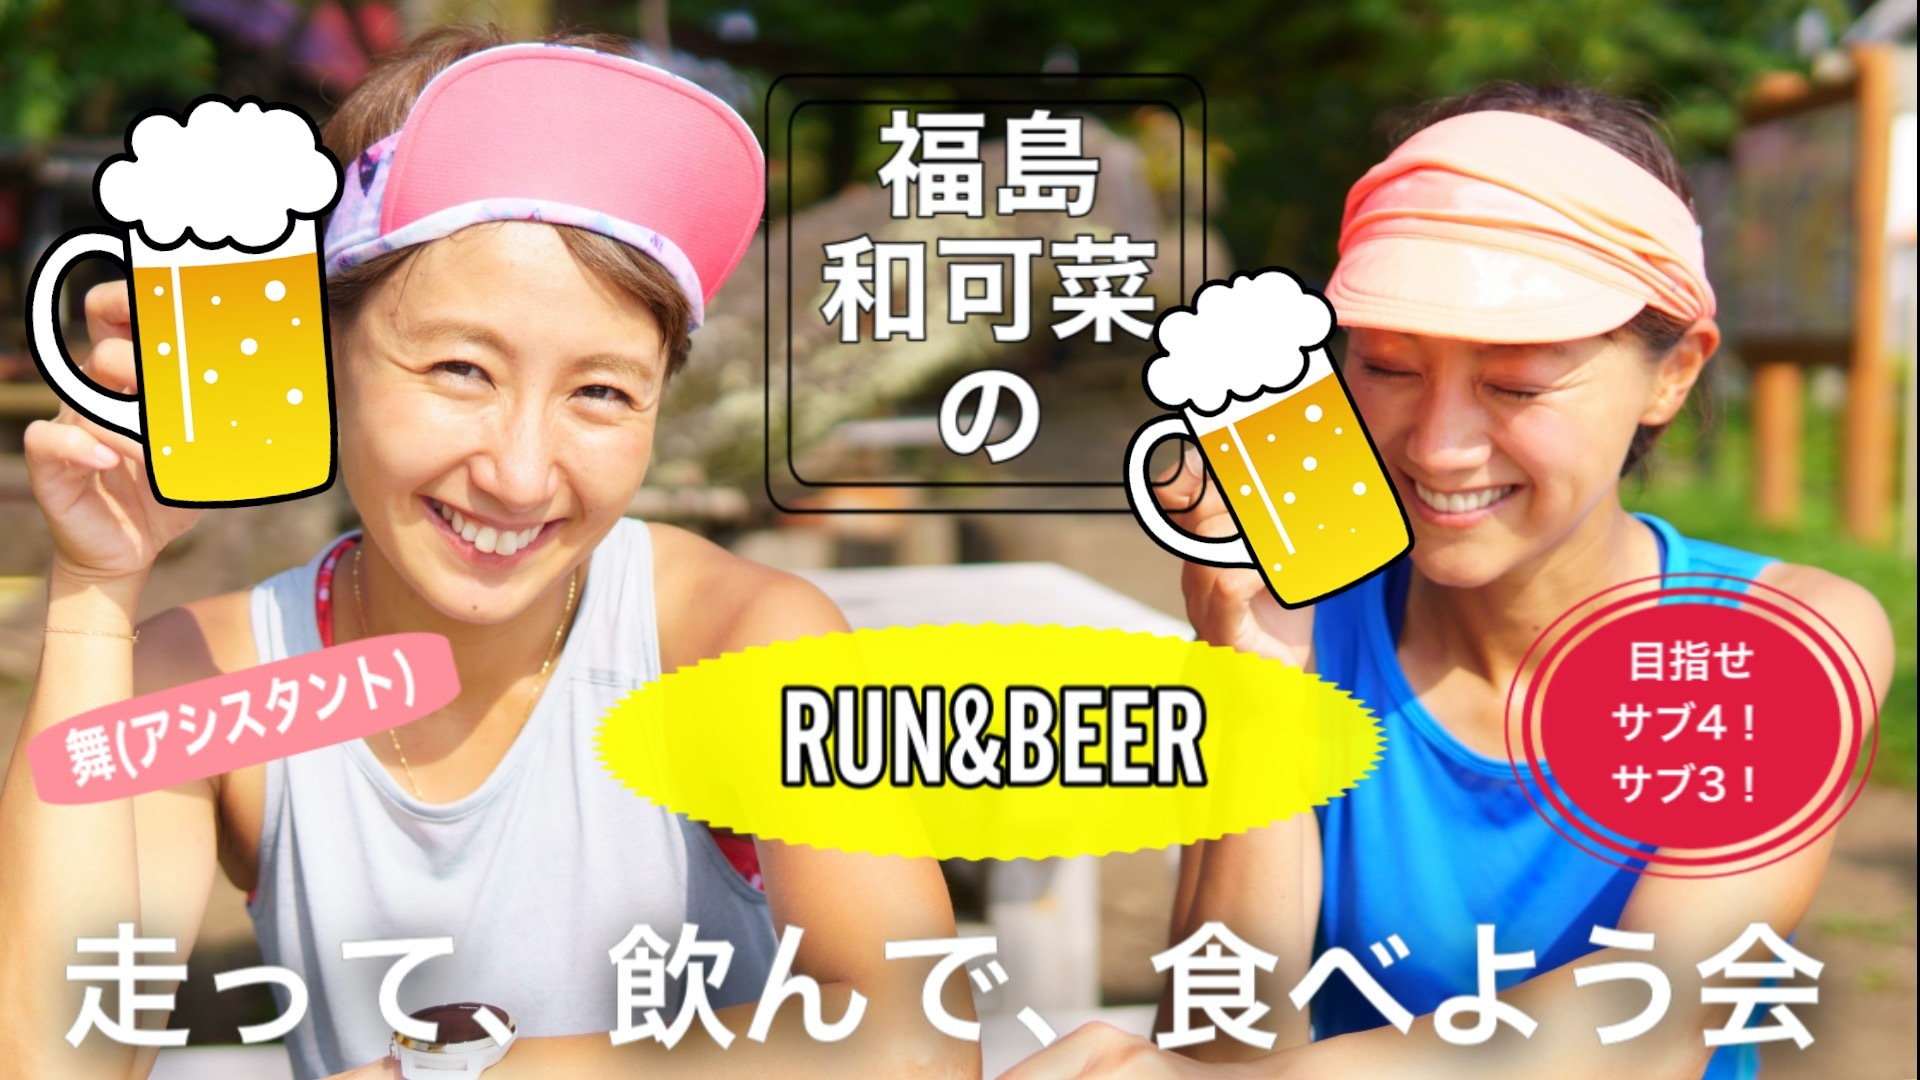 福島和可菜・舞のRUN&BEER走って、飲んで、食べよう会!